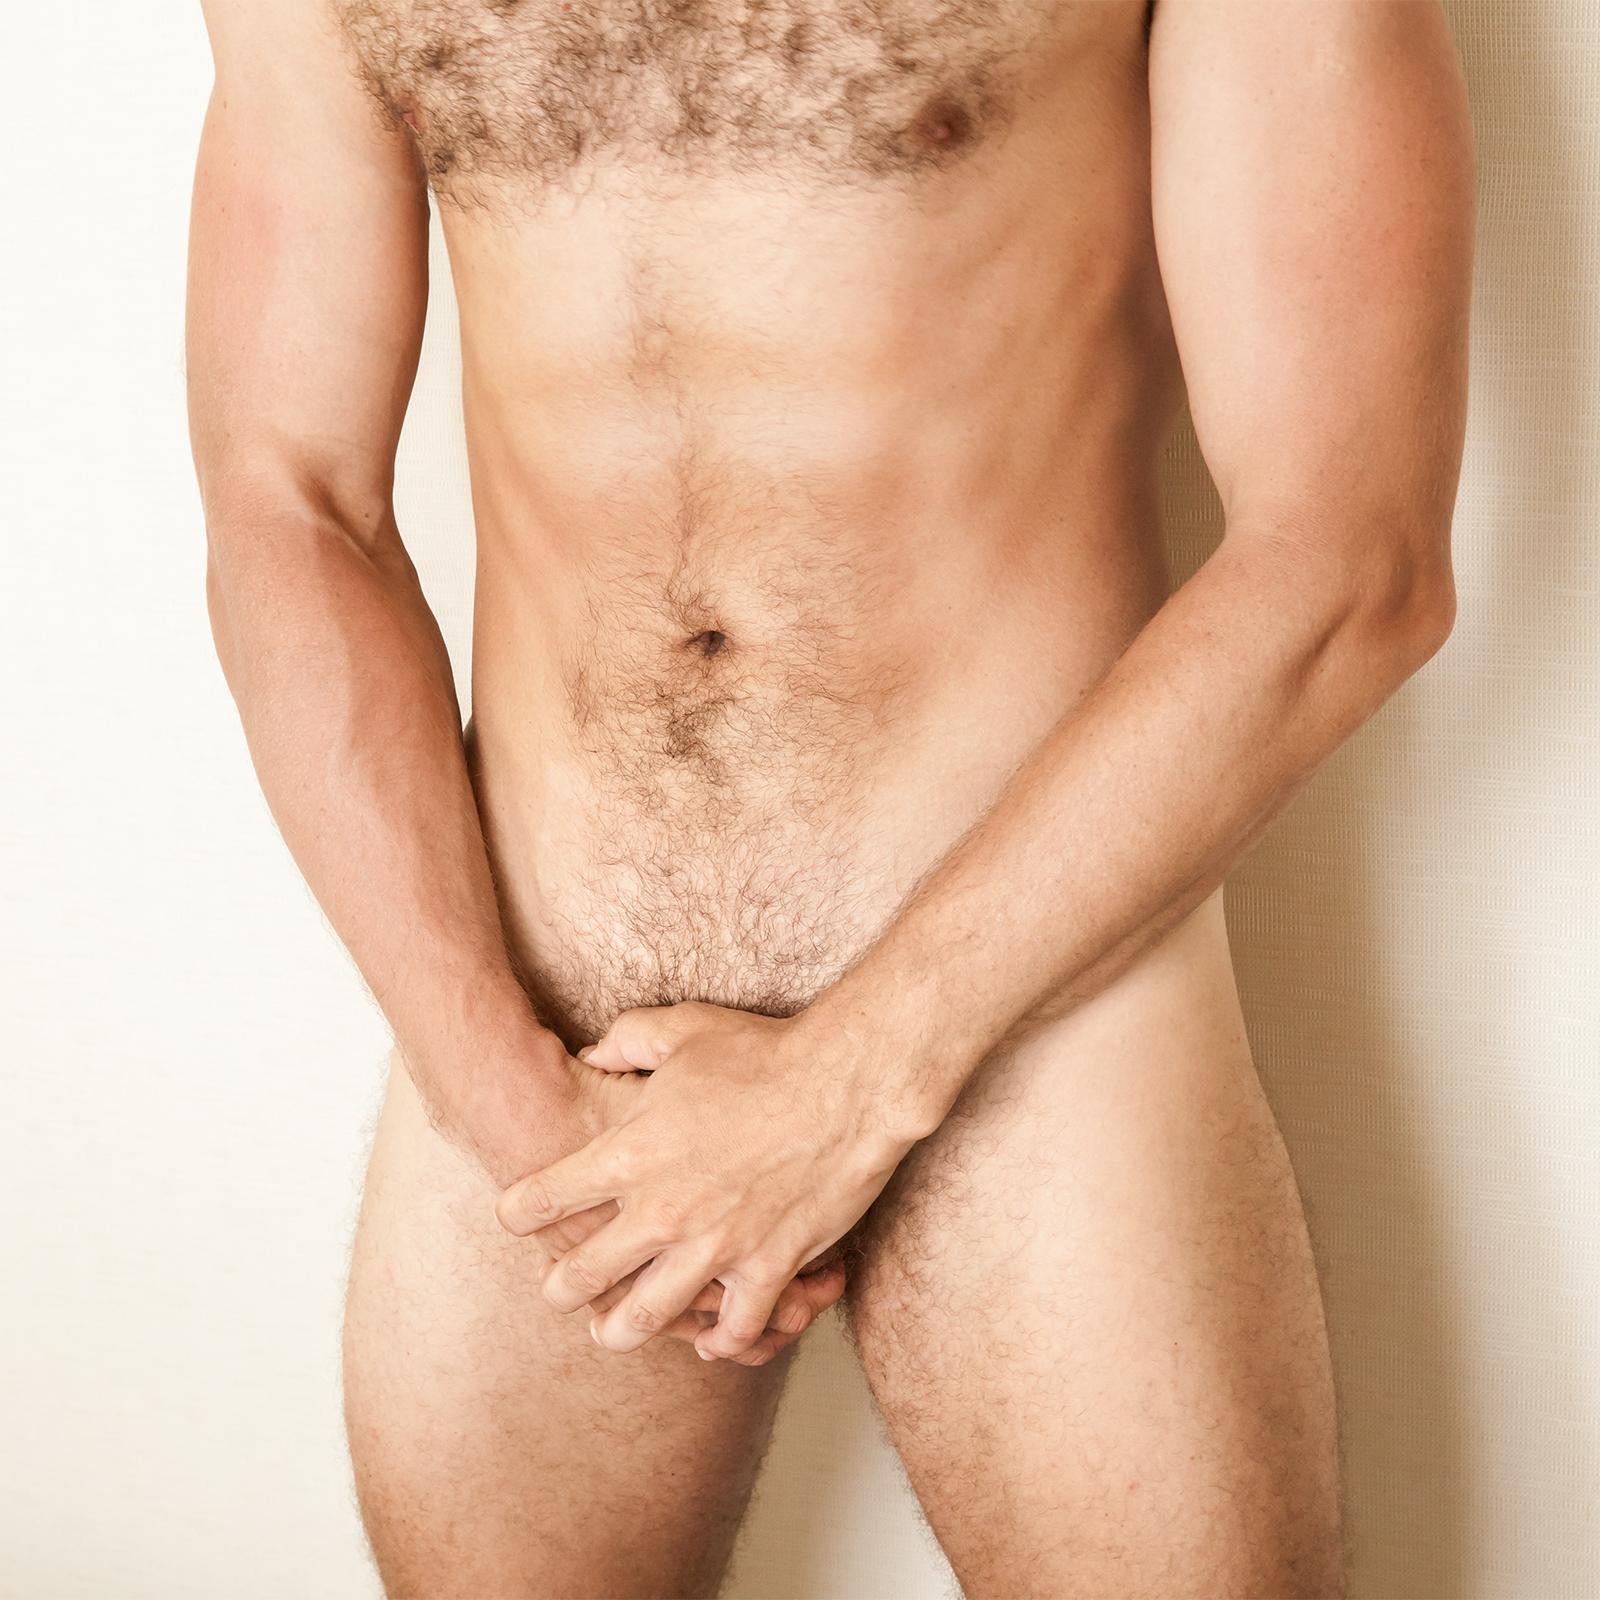 férfiak meztelen pénisz az erekció az aktus során csökken